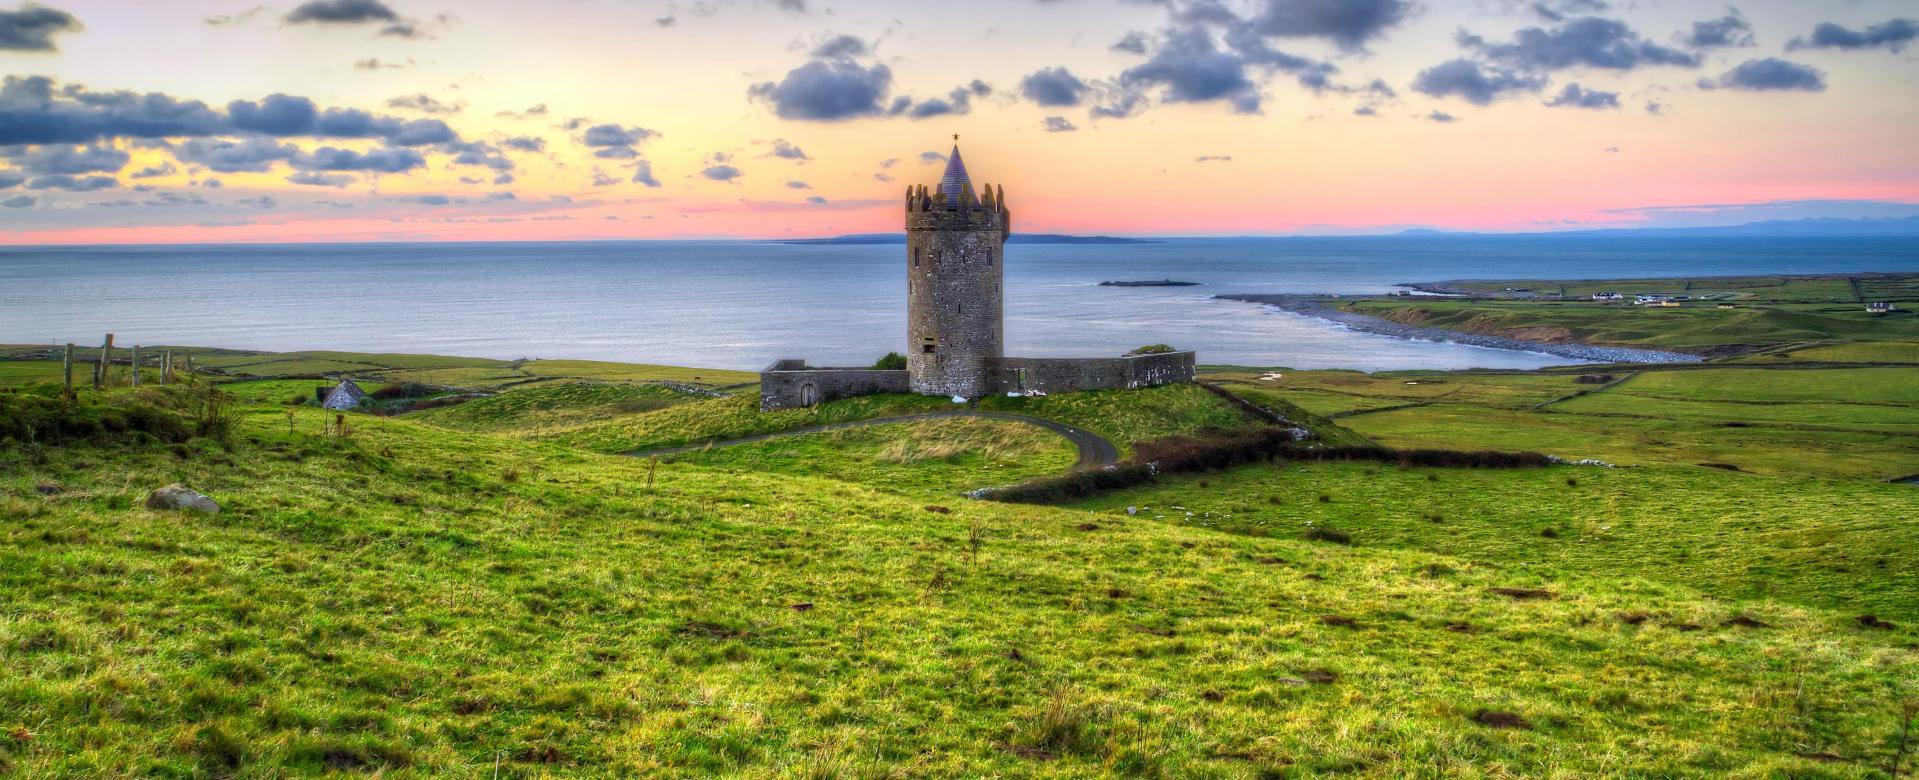 Voyage à pied : Iles et falaises du sud-ouest irlandais